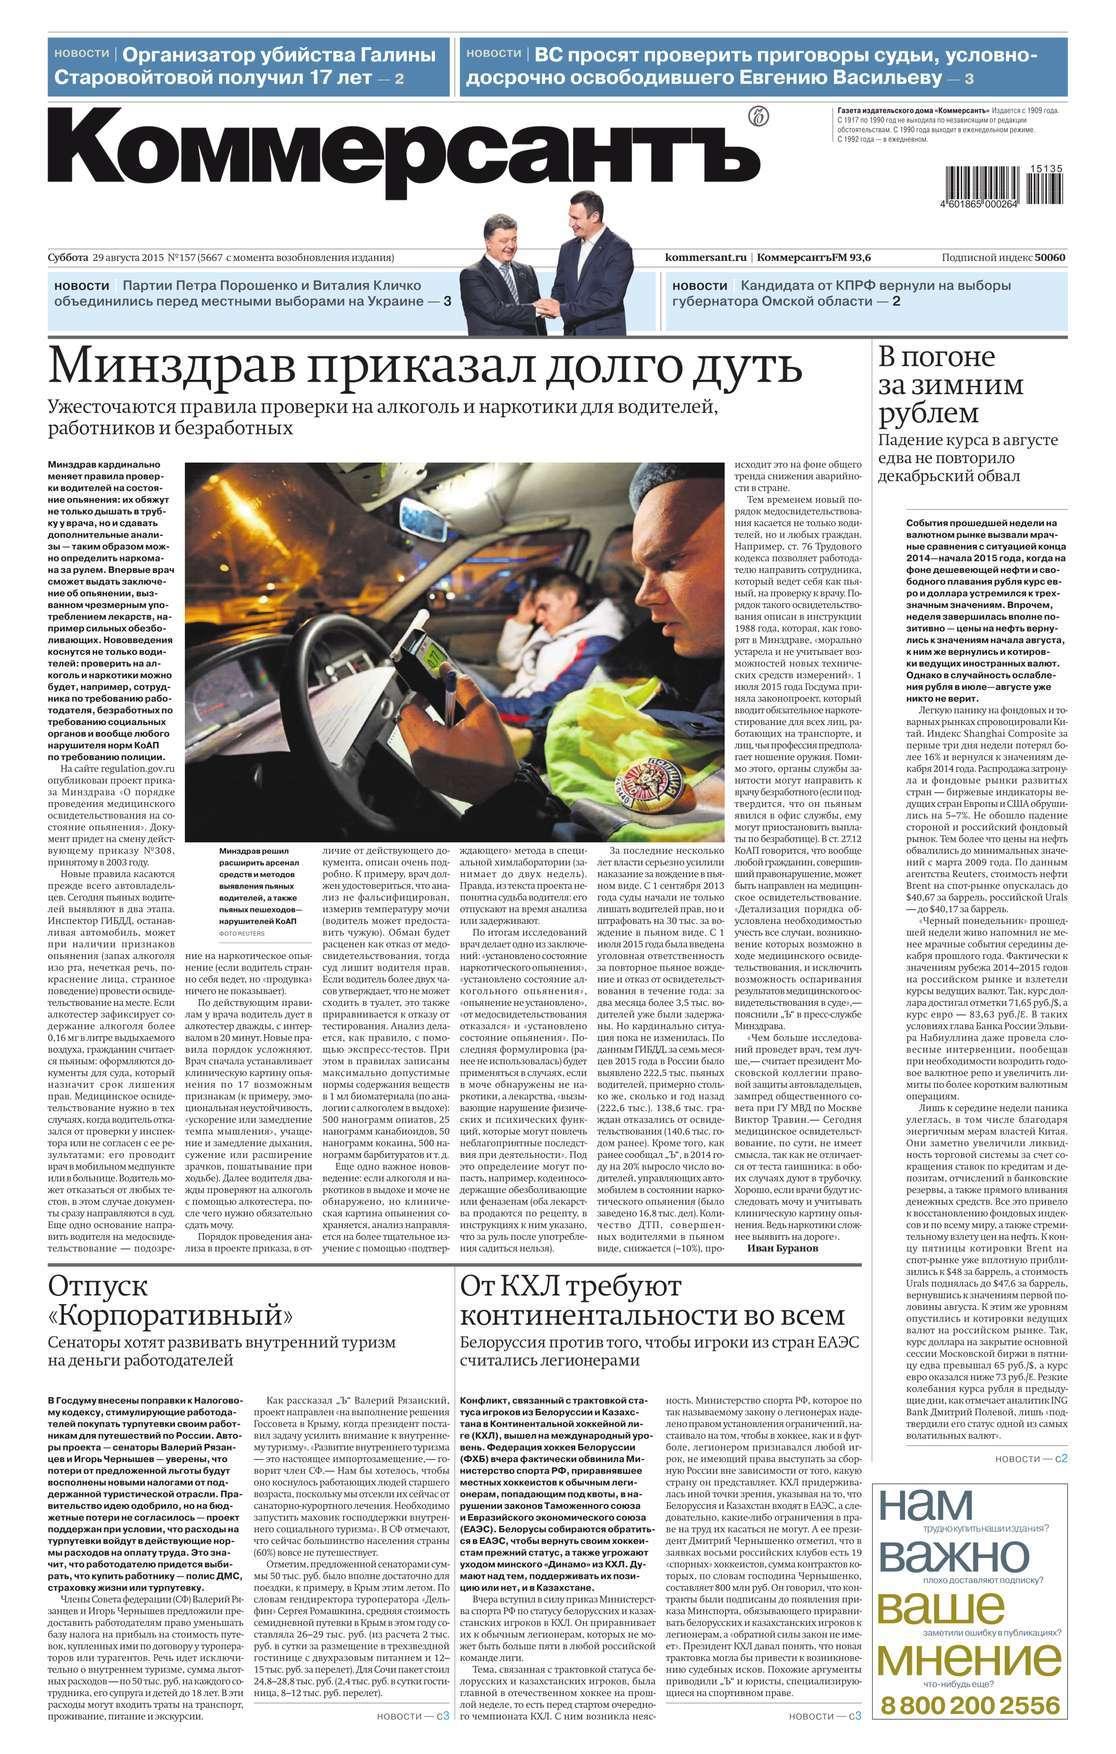 бесплатно Редакция газеты КоммерсантЪ Скачать КоммерсантЪ 157-2015